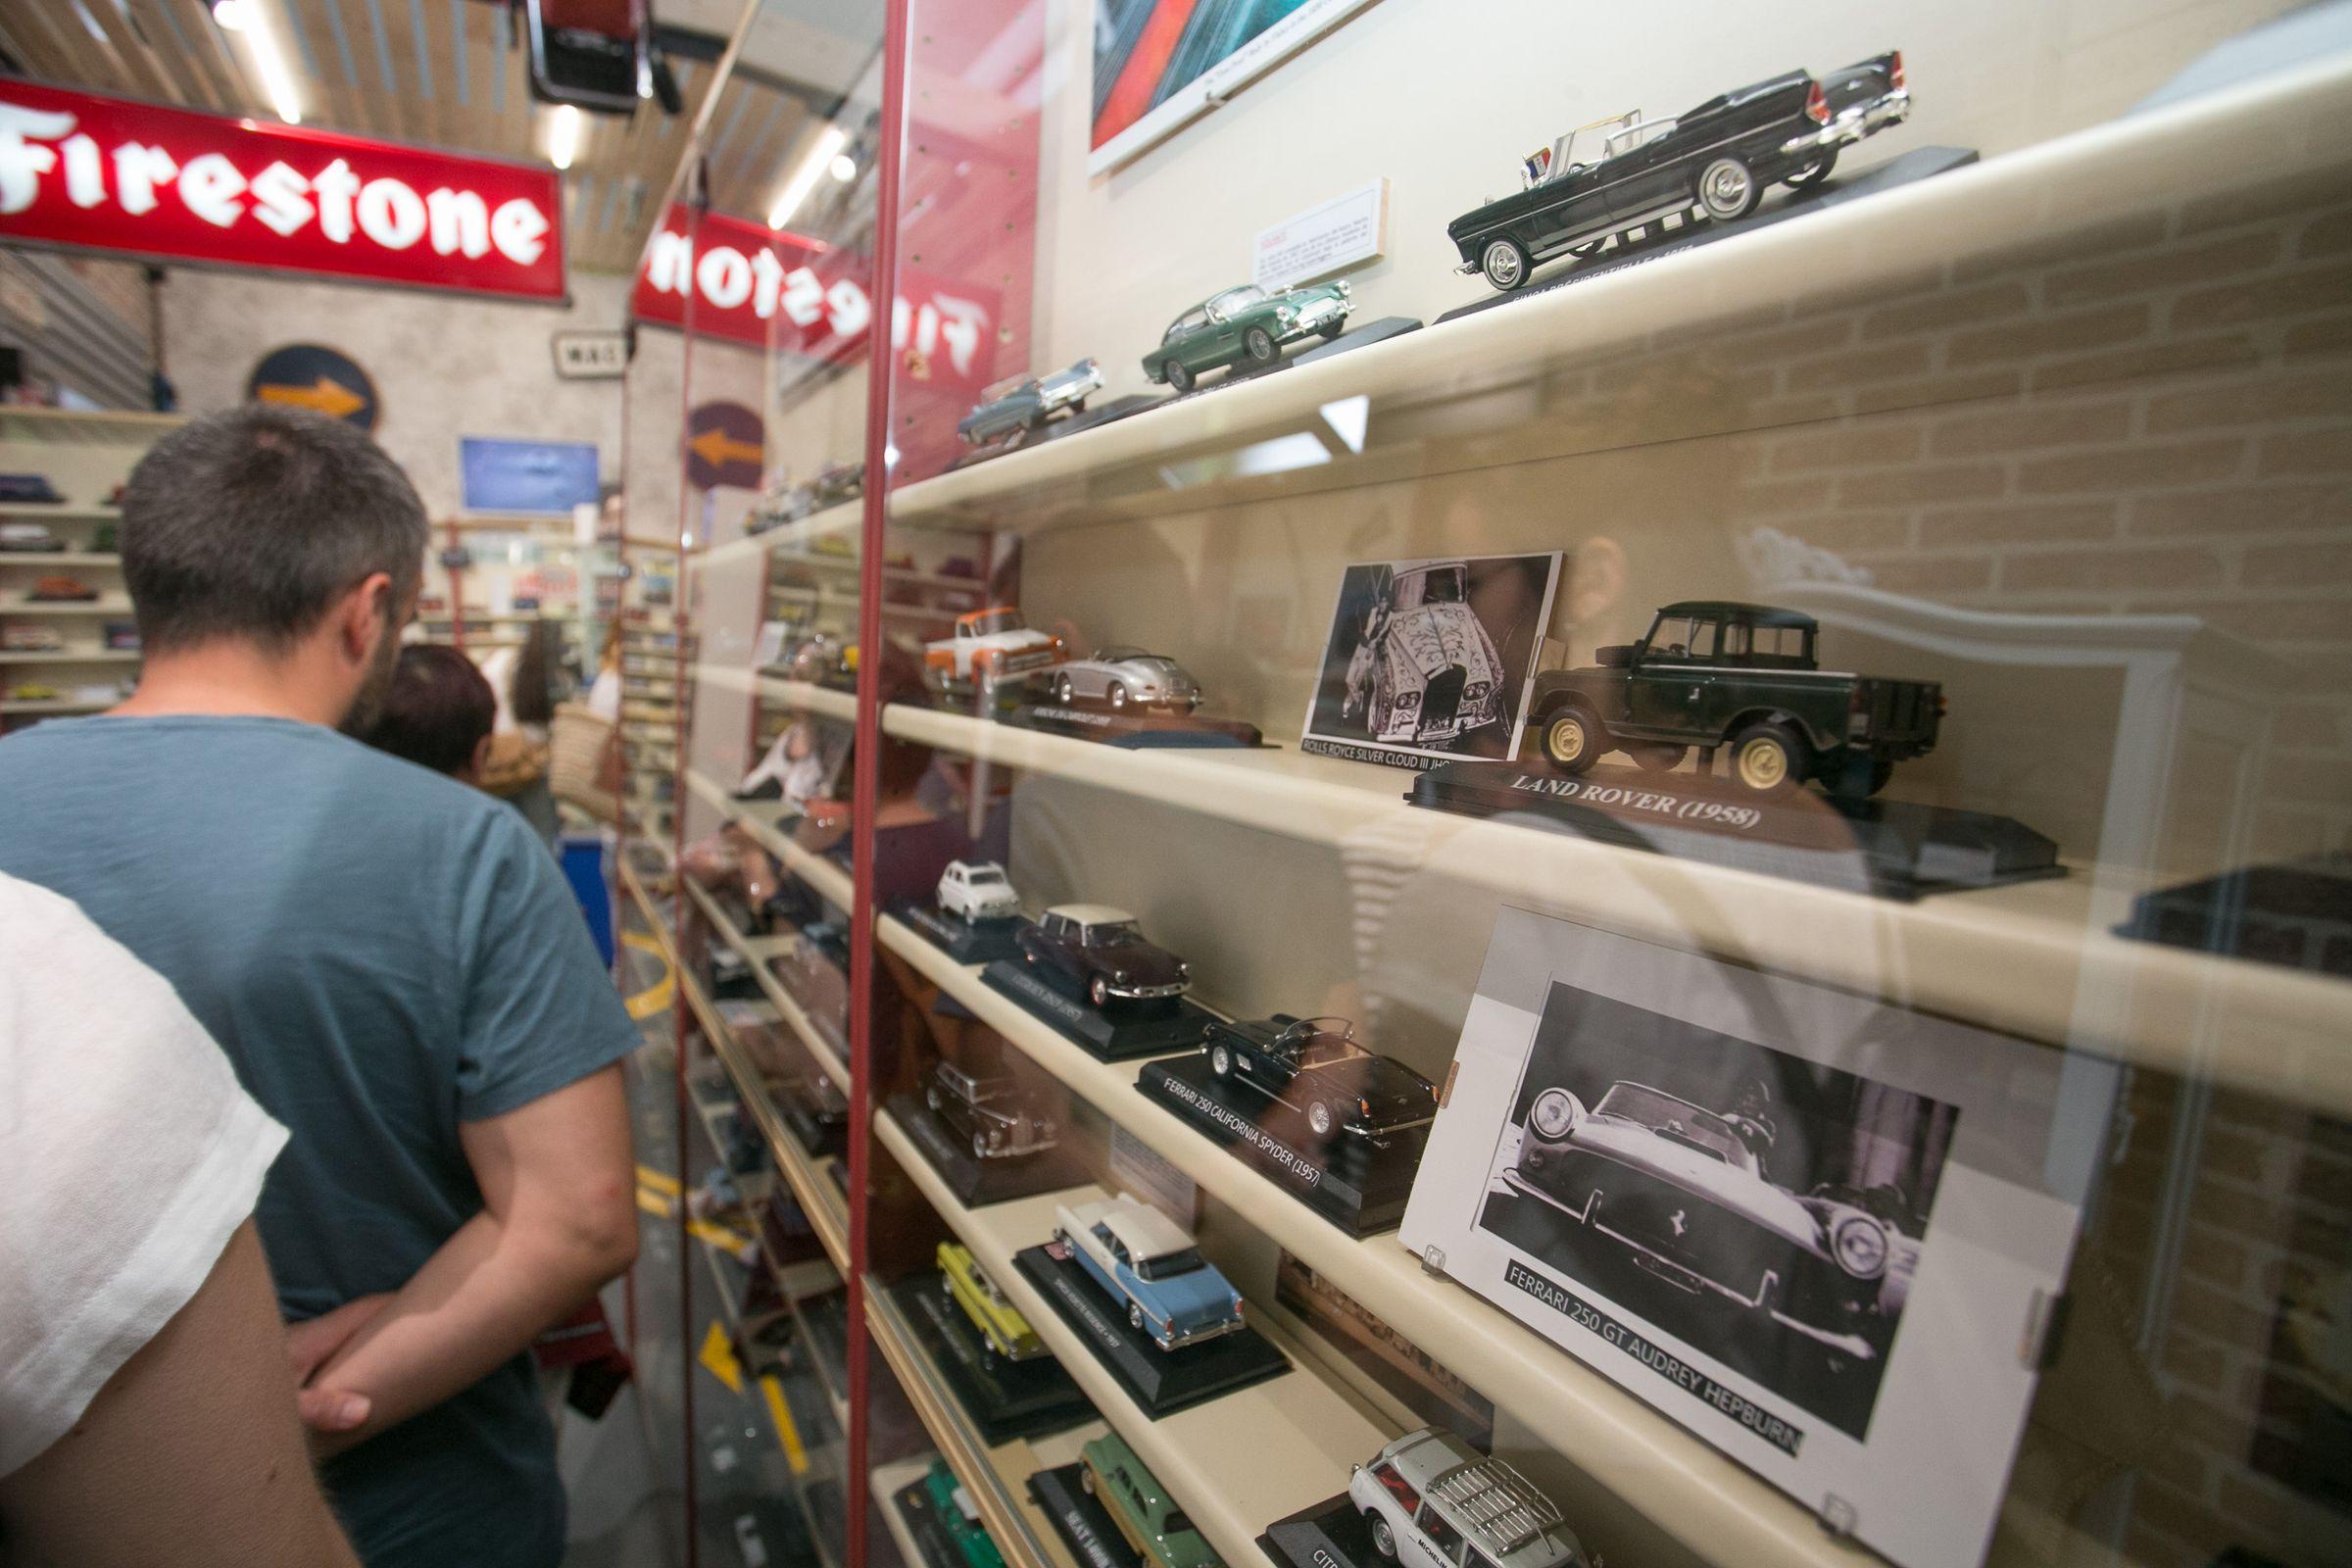 Abre en Portomarín con mil coches el Museo de la historia de la automoción en miniatura.Luis Lópes, con camiseta amarilla, con origenes en Gondomar